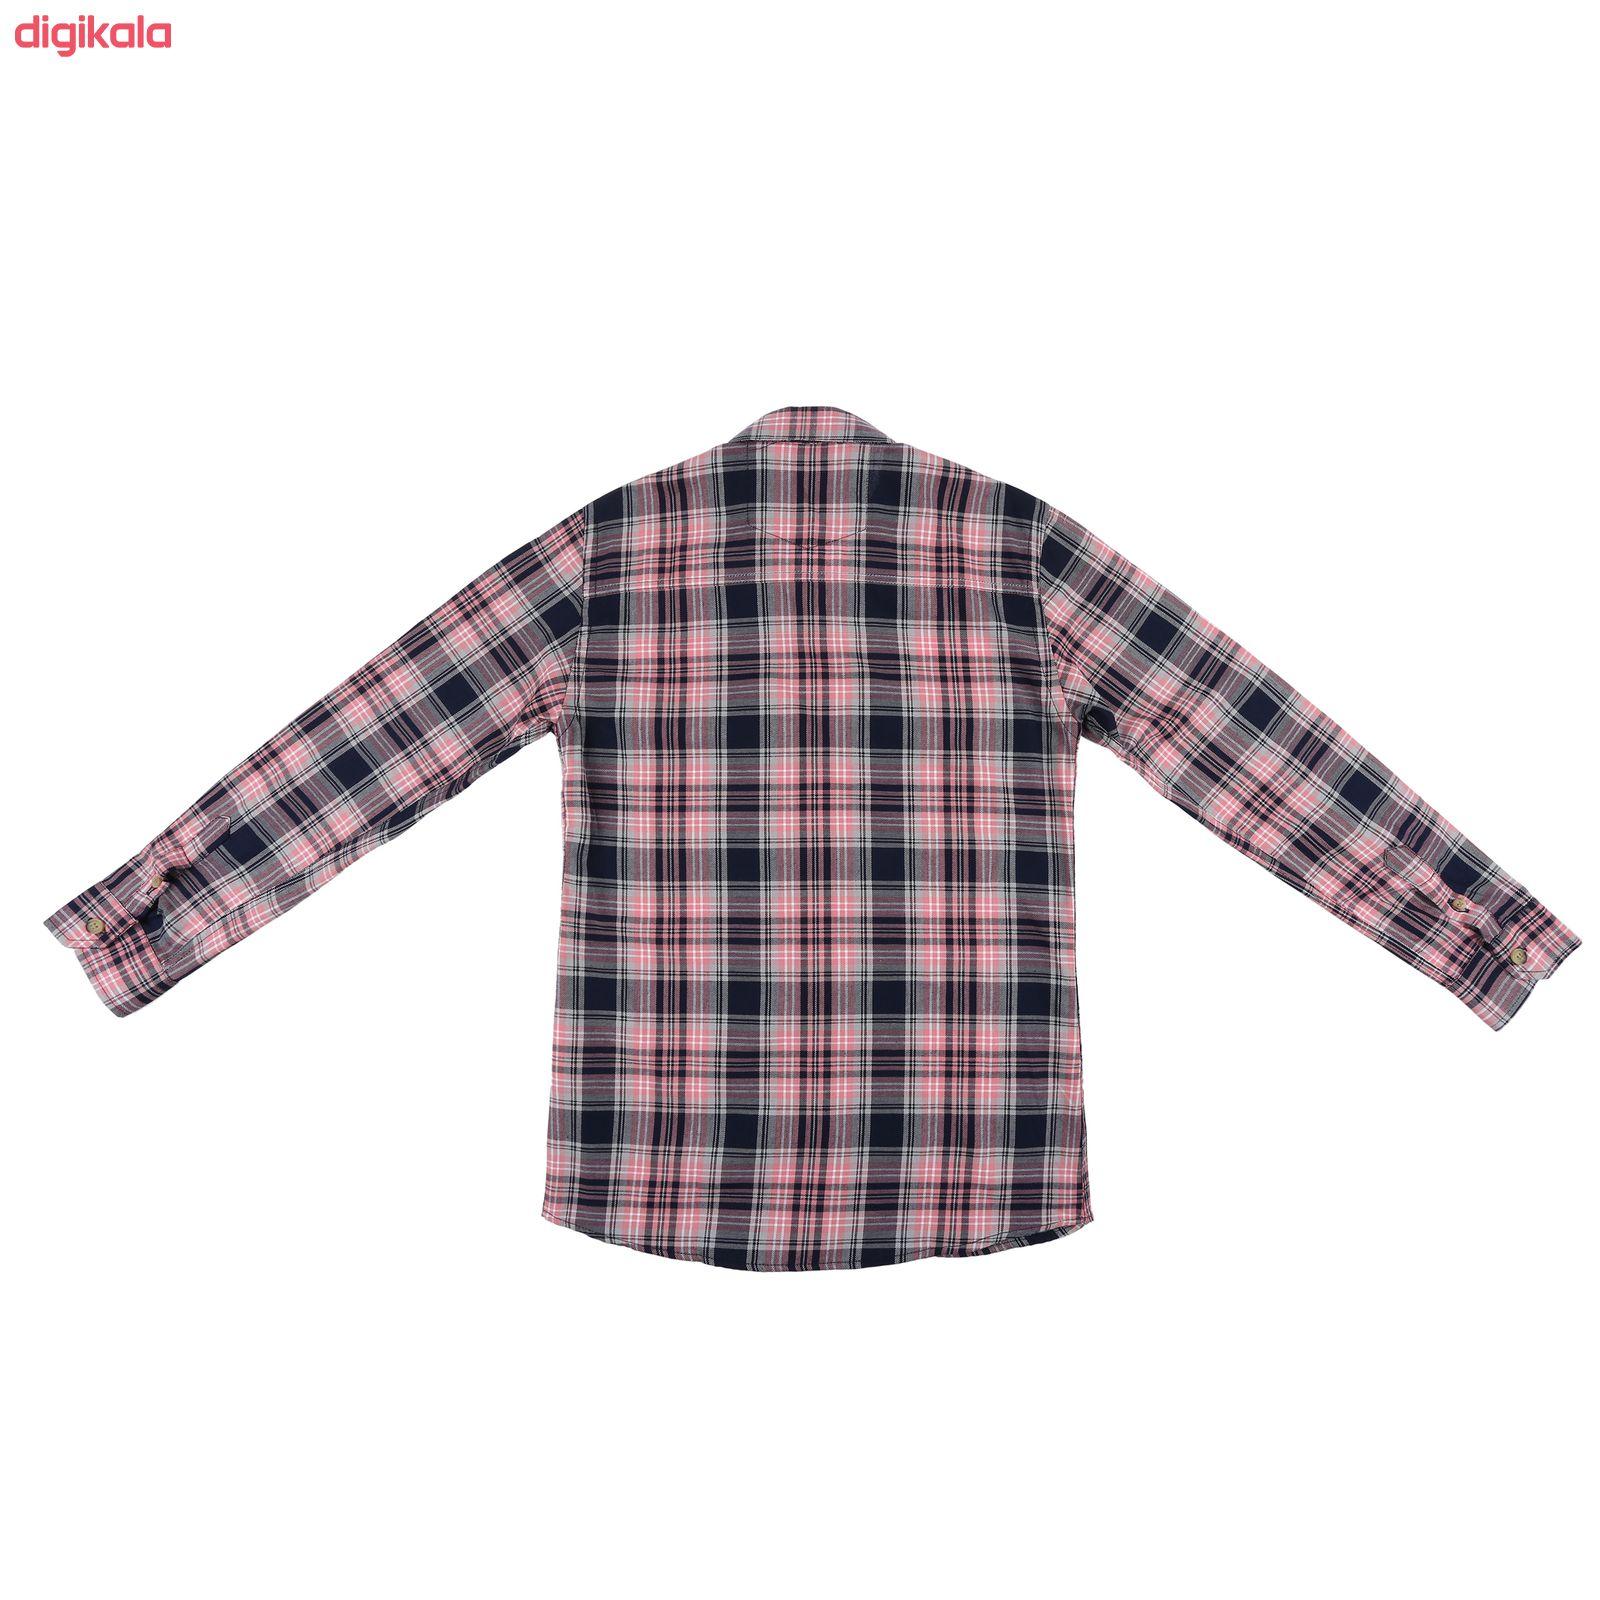 پیراهن پسرانه ناوالس کد R-20119-PK main 1 2